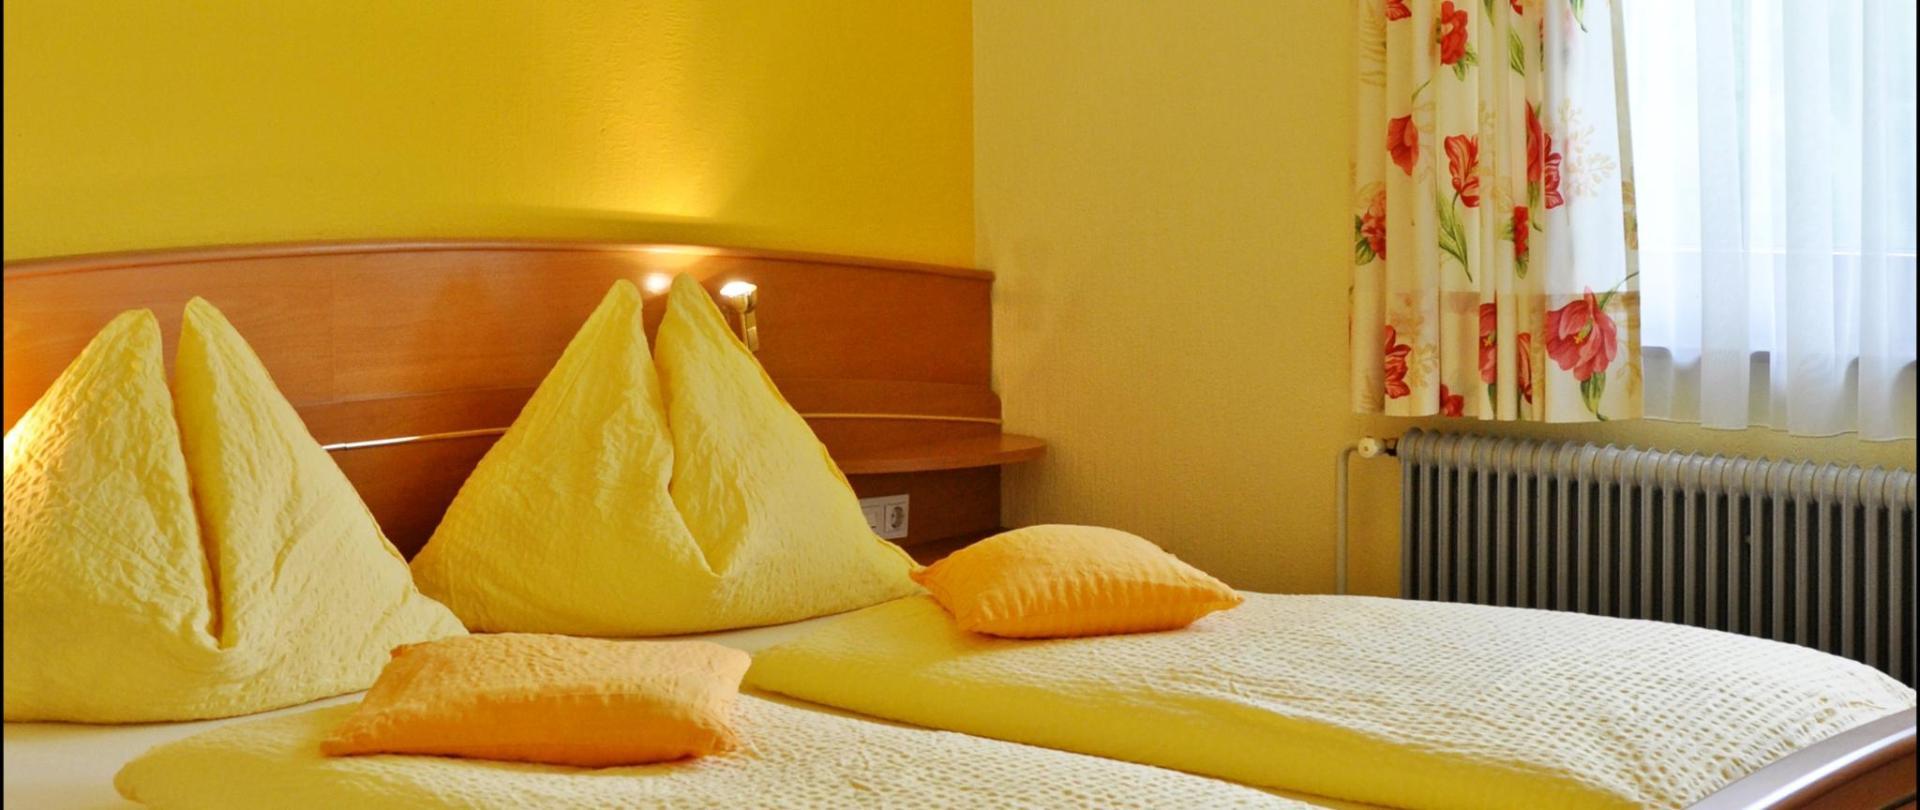 Komfort Doppelzimmer Enzianbrenner.JPG